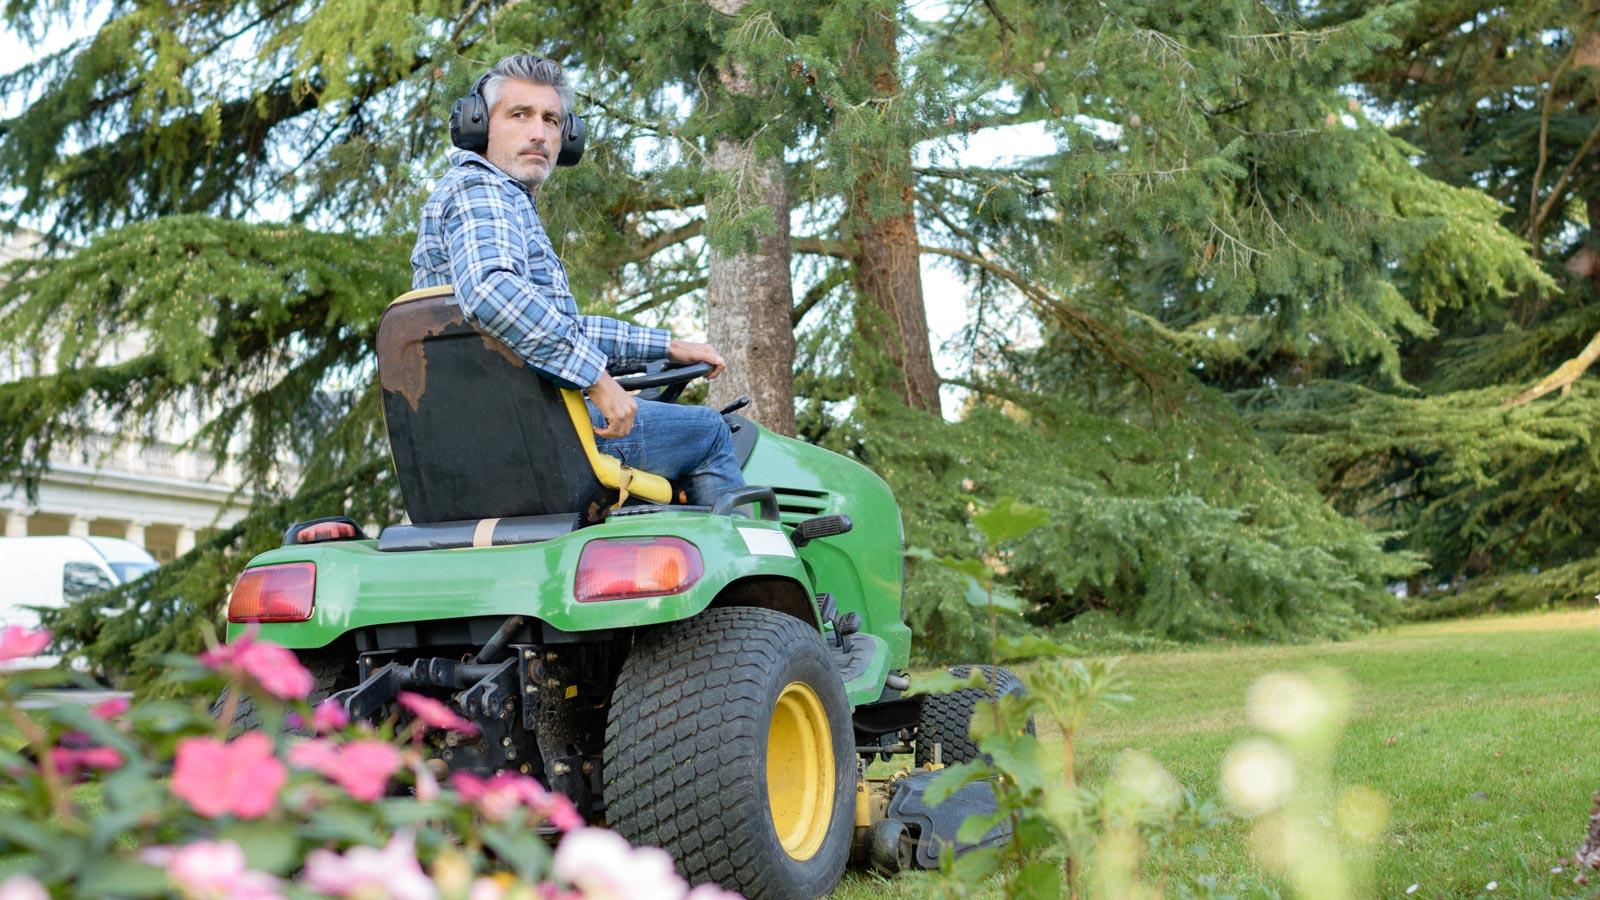 Mann auf einem Aufsitzrasenmäher im Garten